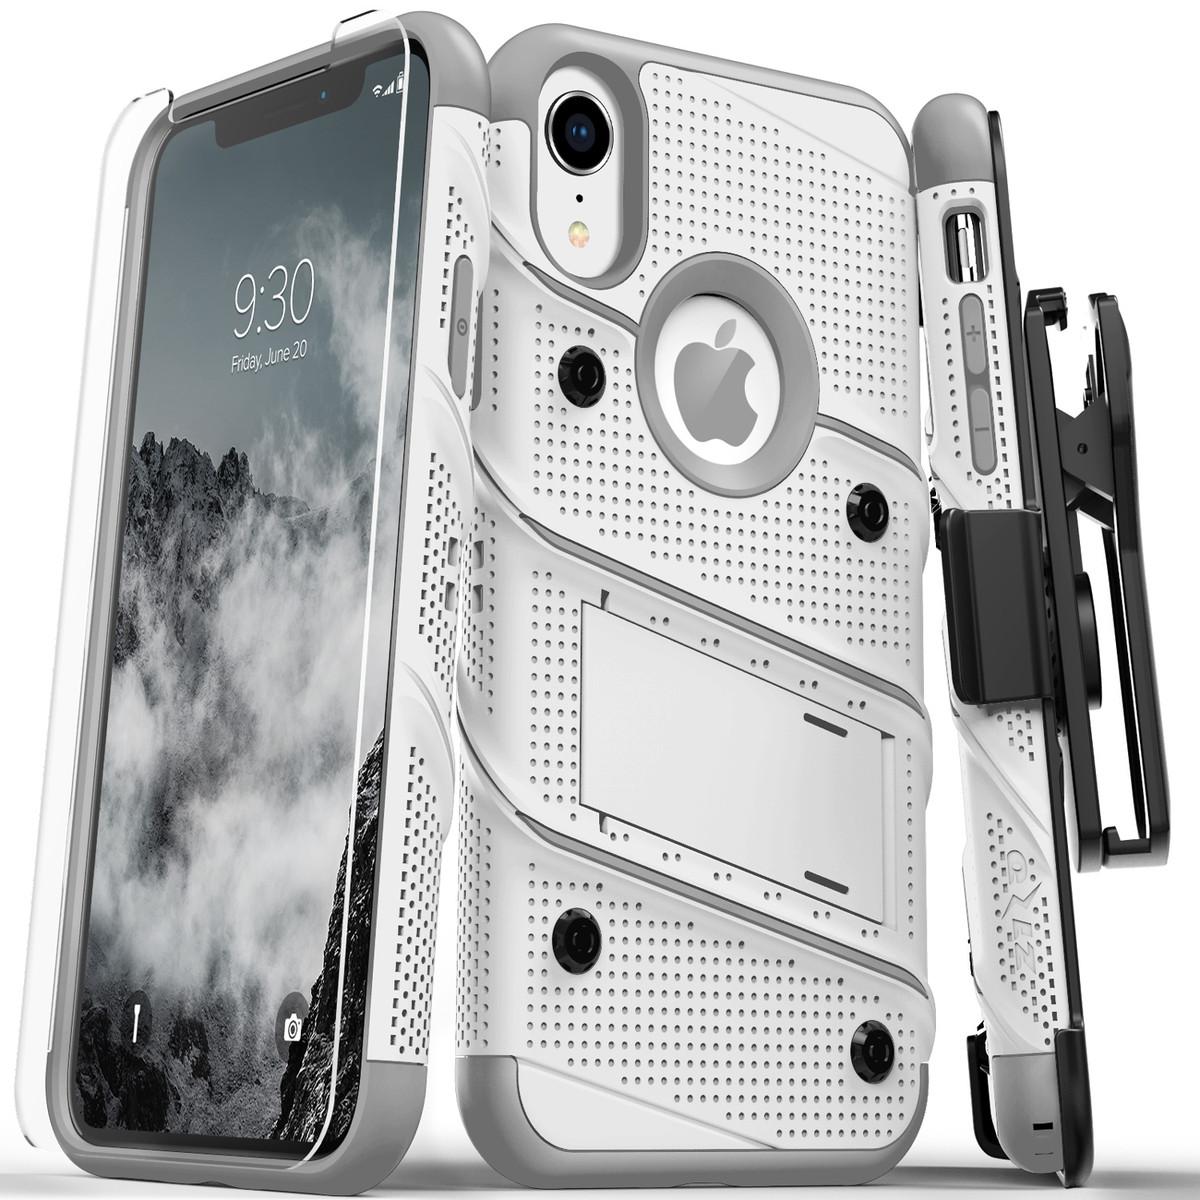 【Zizo】Bolt系列 軍規防摔殼 iPhoneXR 白灰